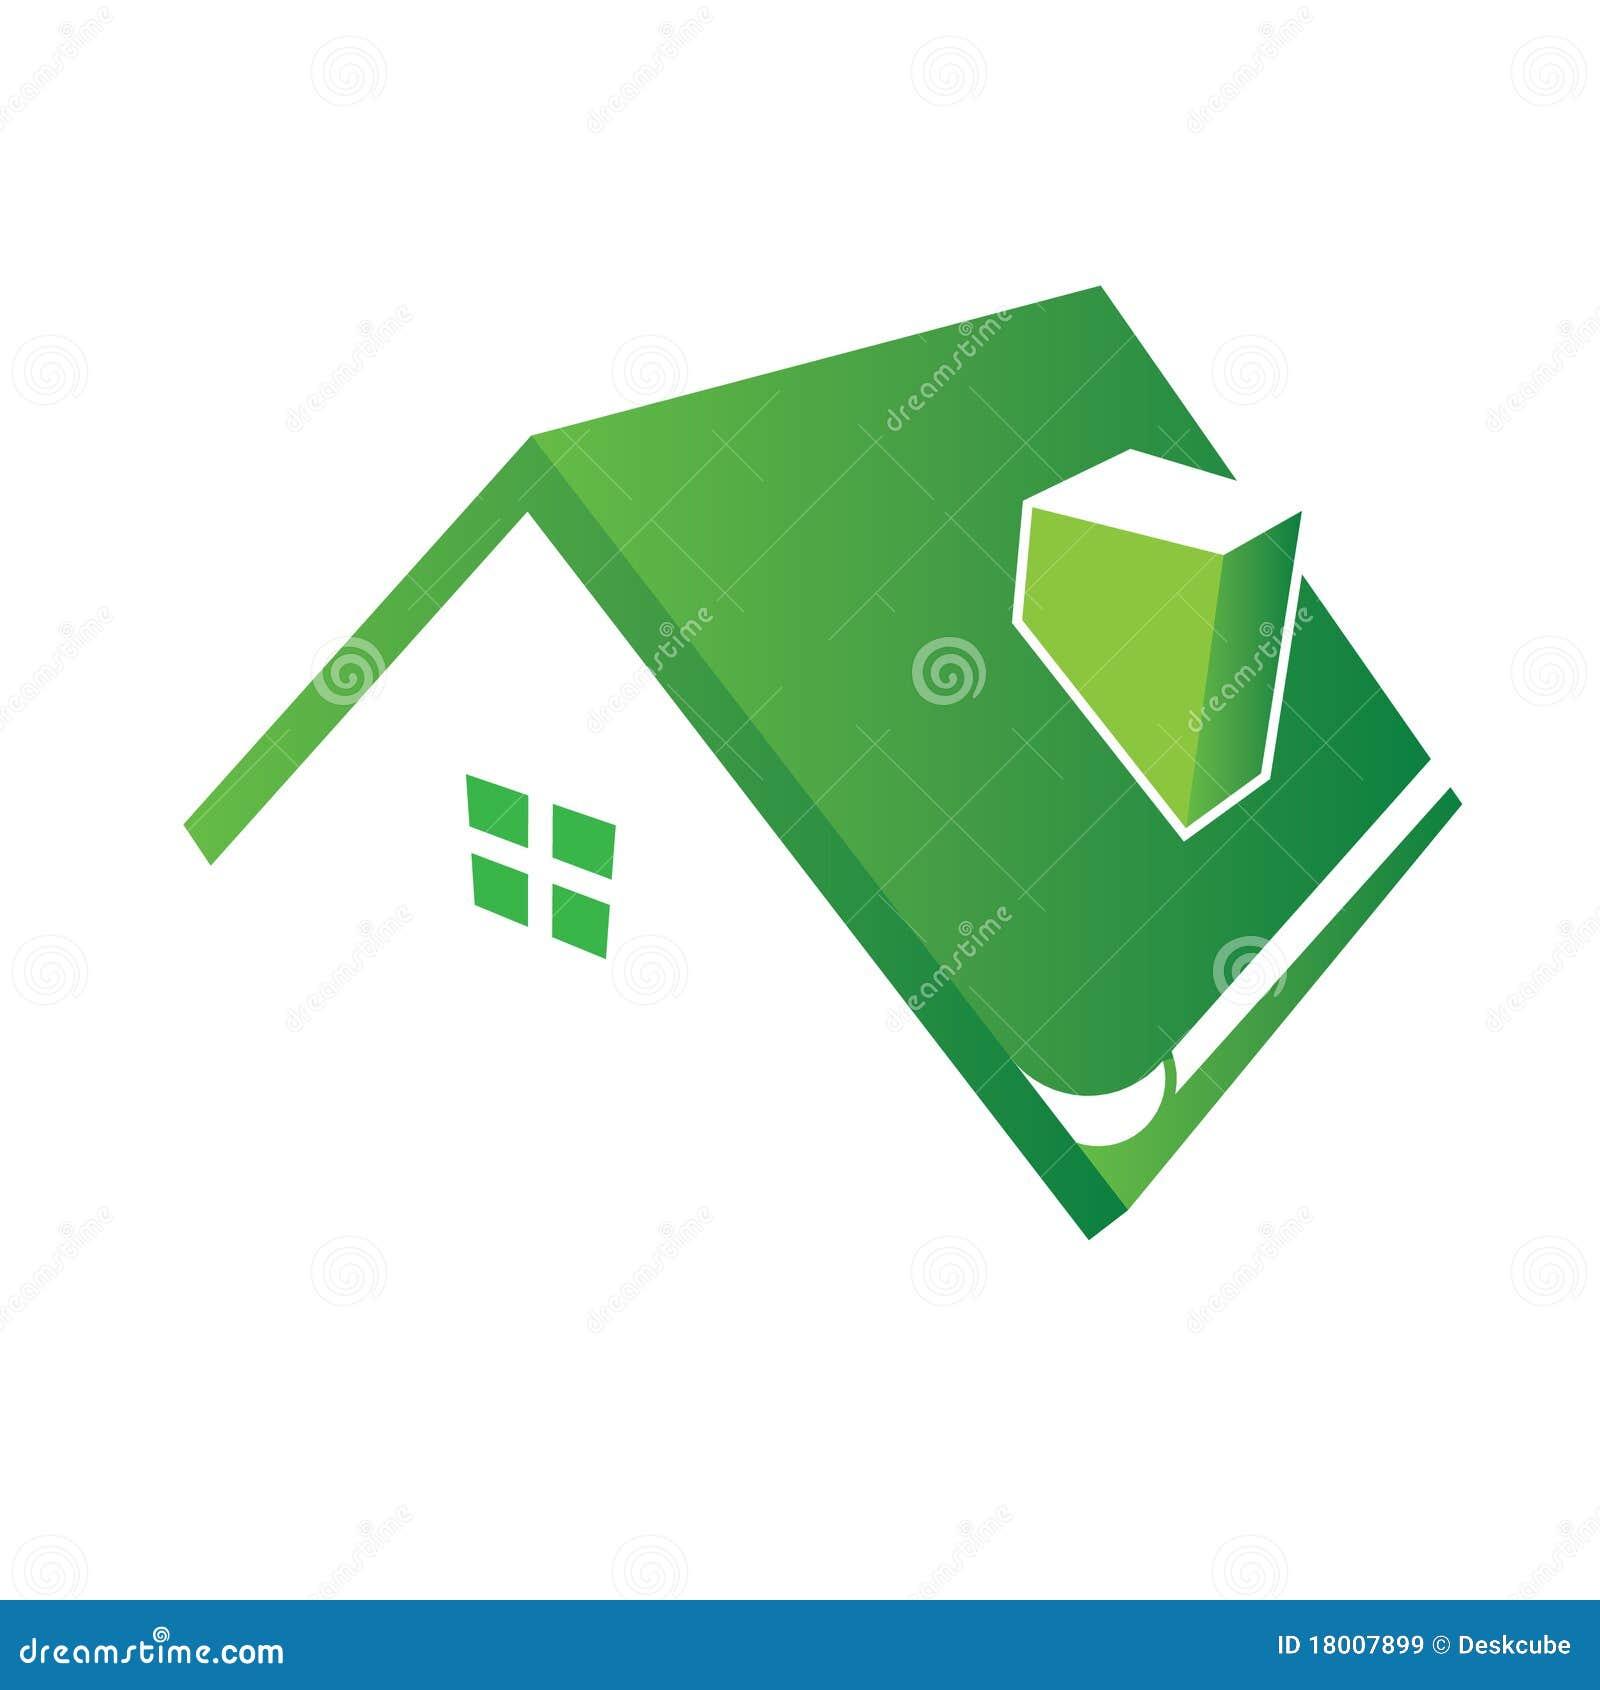 Autoguidez le logo de toit images libres de droits image - Toit de maison dessin ...